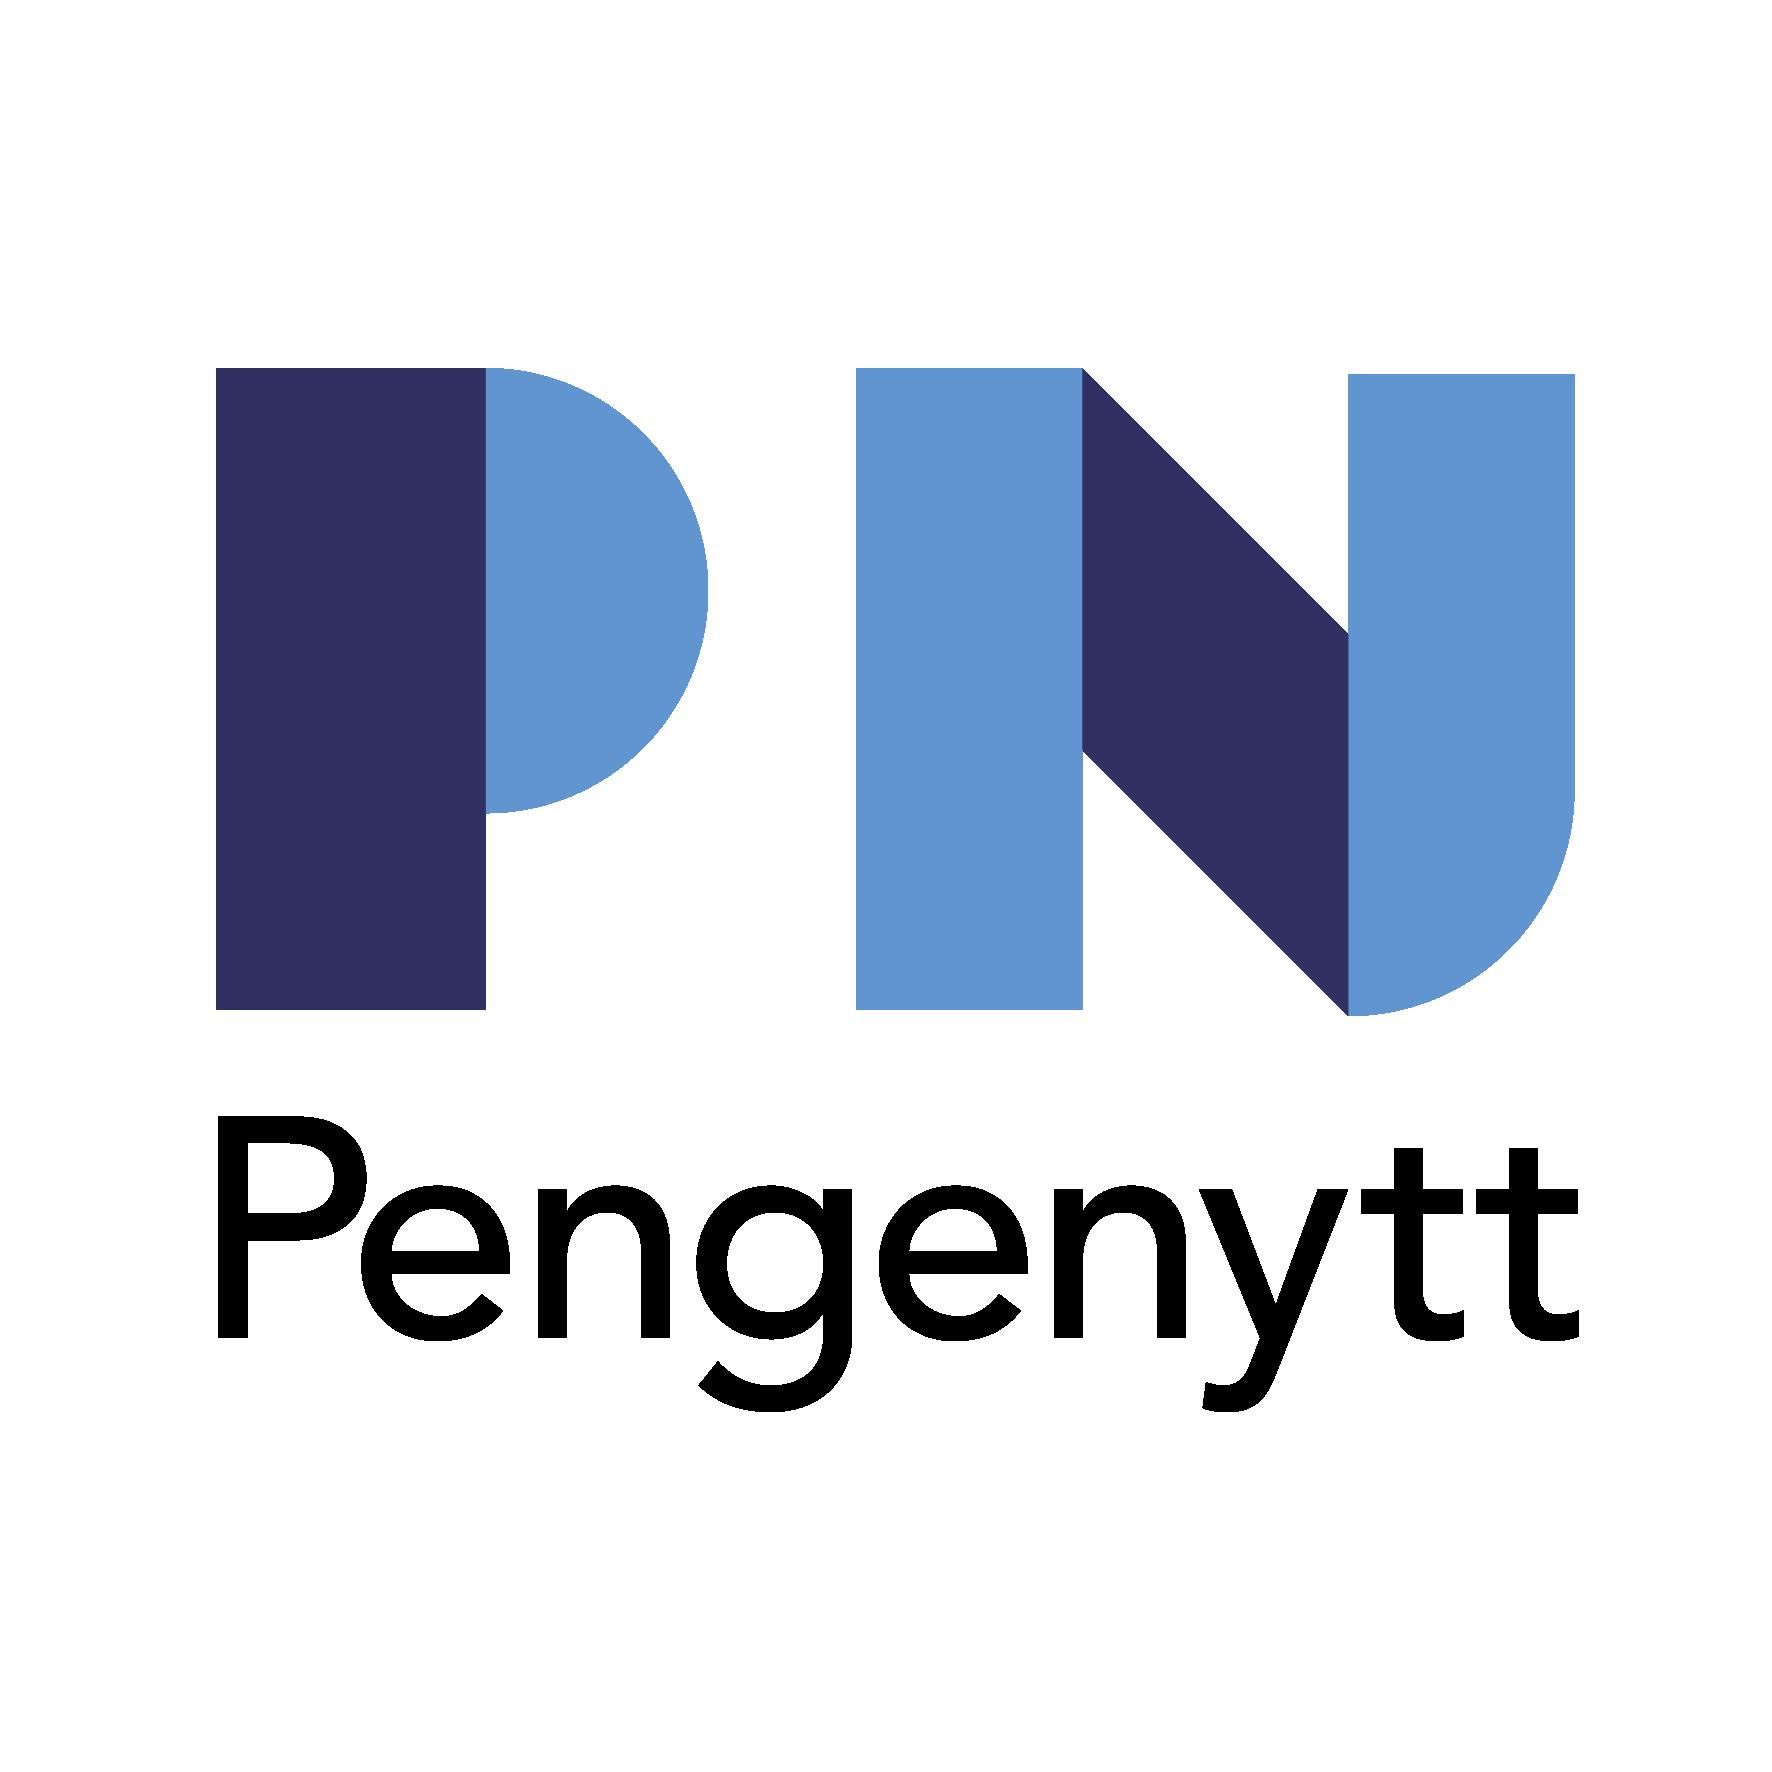 Logoen består av bokstavene P og N i tillegg til ordet Pengenytt. De to bokstavene består av tykke stolper som er i enten mørk blå eller lys blå. N-en er avrundet nederst til høyre.